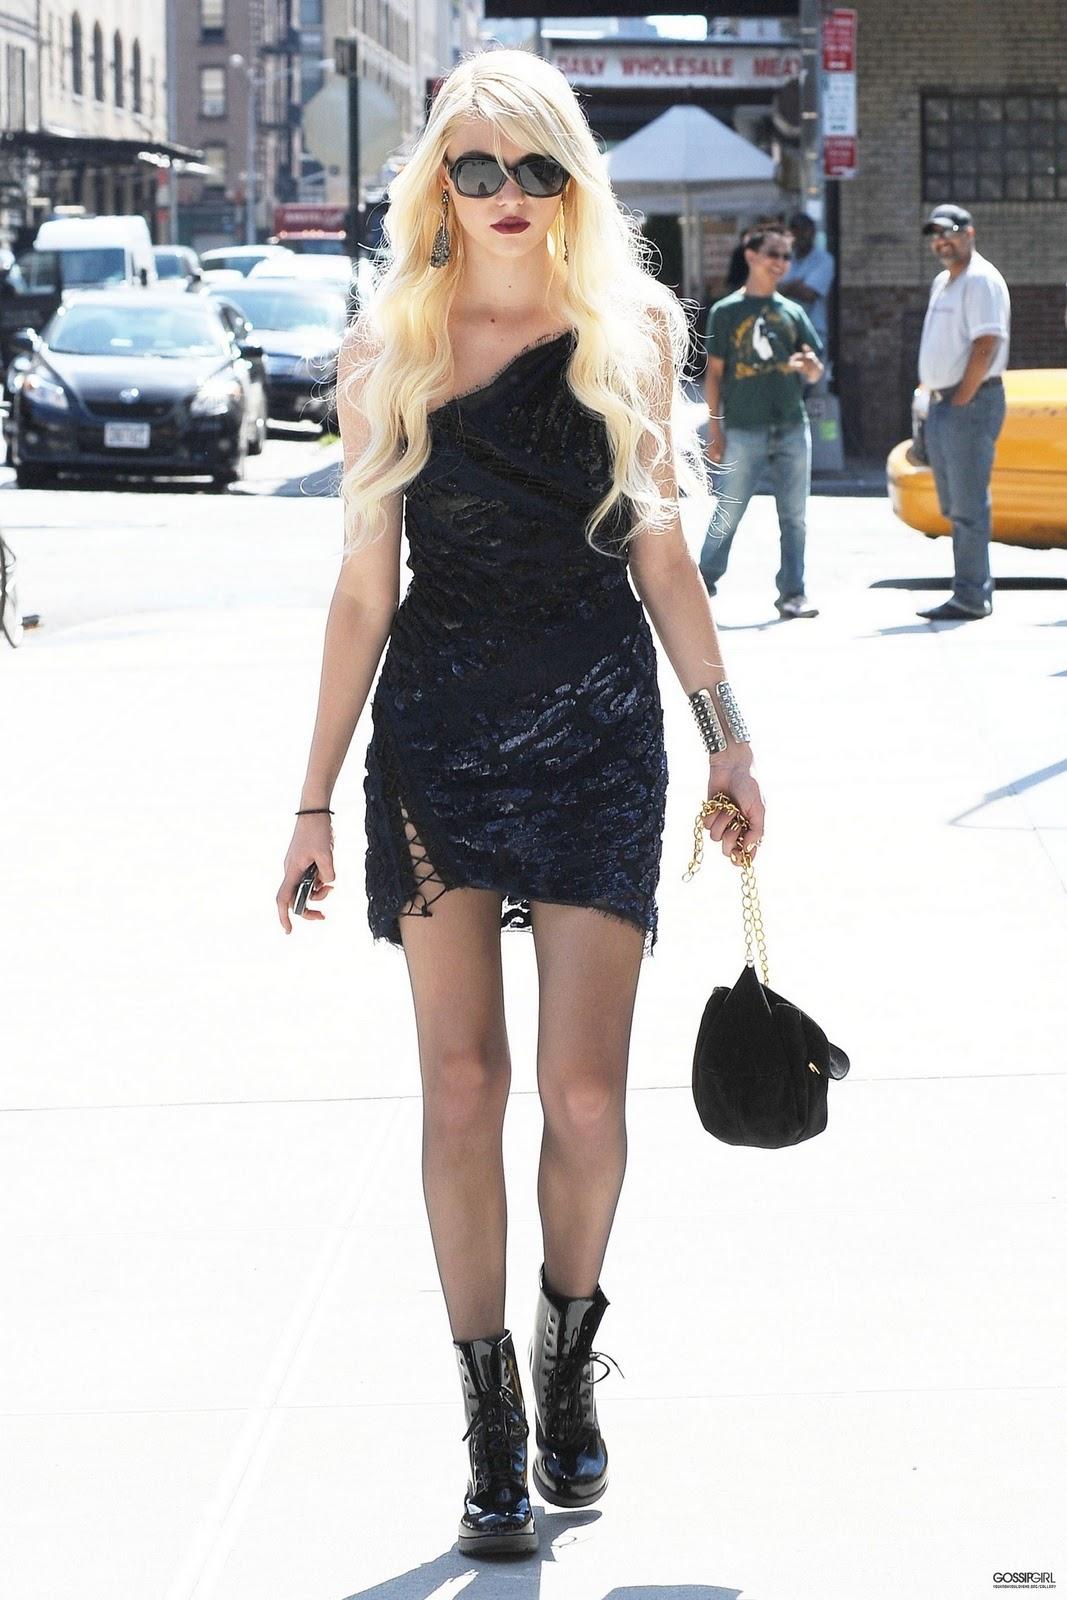 http://1.bp.blogspot.com/_OIqlqx6lpJI/TOU6VTrbxZI/AAAAAAAAACE/Z-8szj-GDVU/s1600/Gossip-Girl-Season-4-jenny-humphrey-15166303-1707-2560.jpg